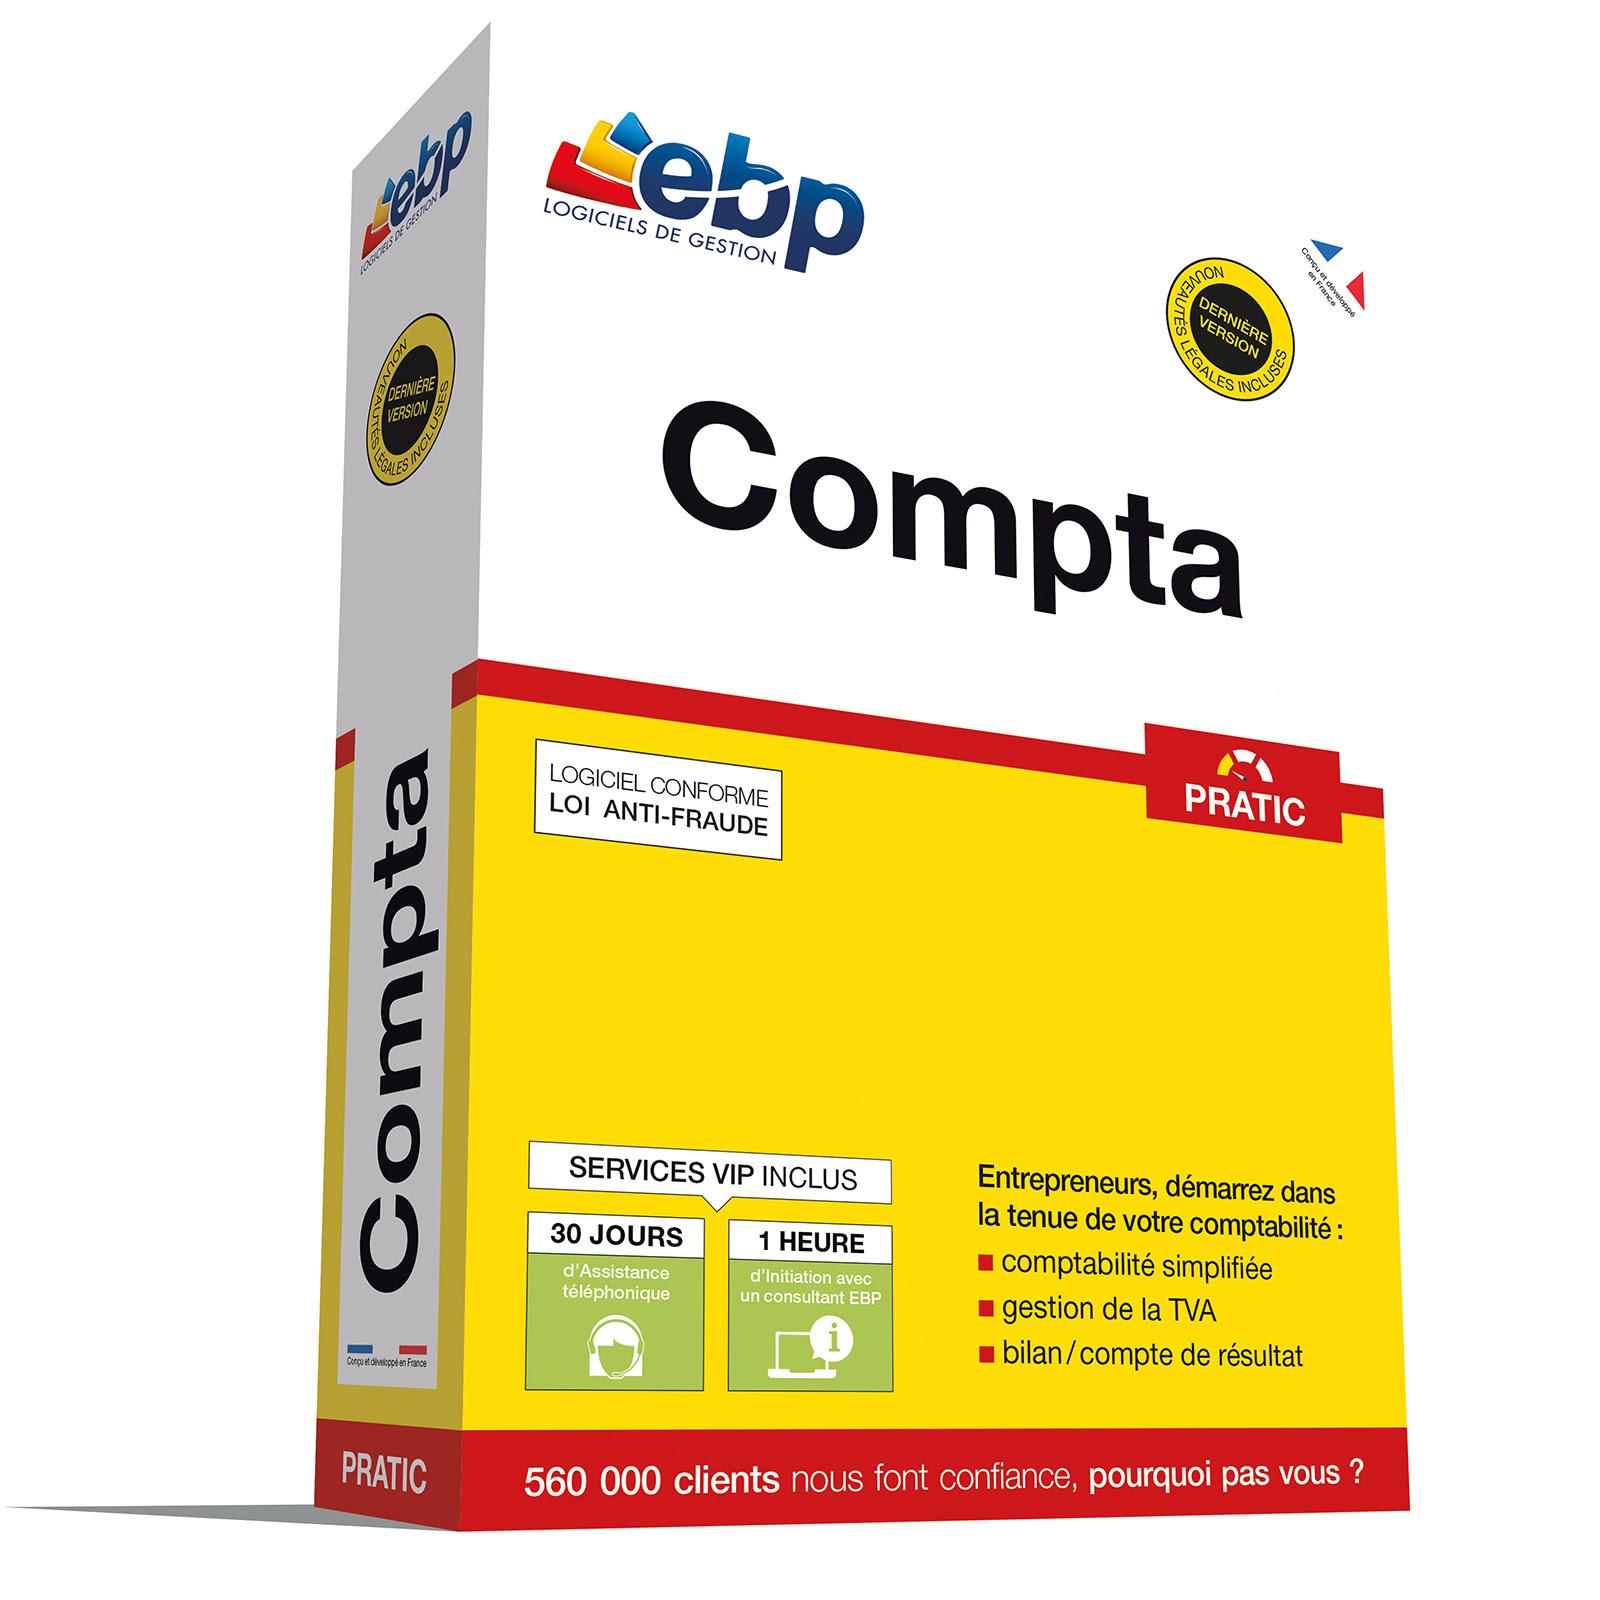 EBP Compta CLASSIC + VIP - Logiciel application - Cybertek.fr - 0